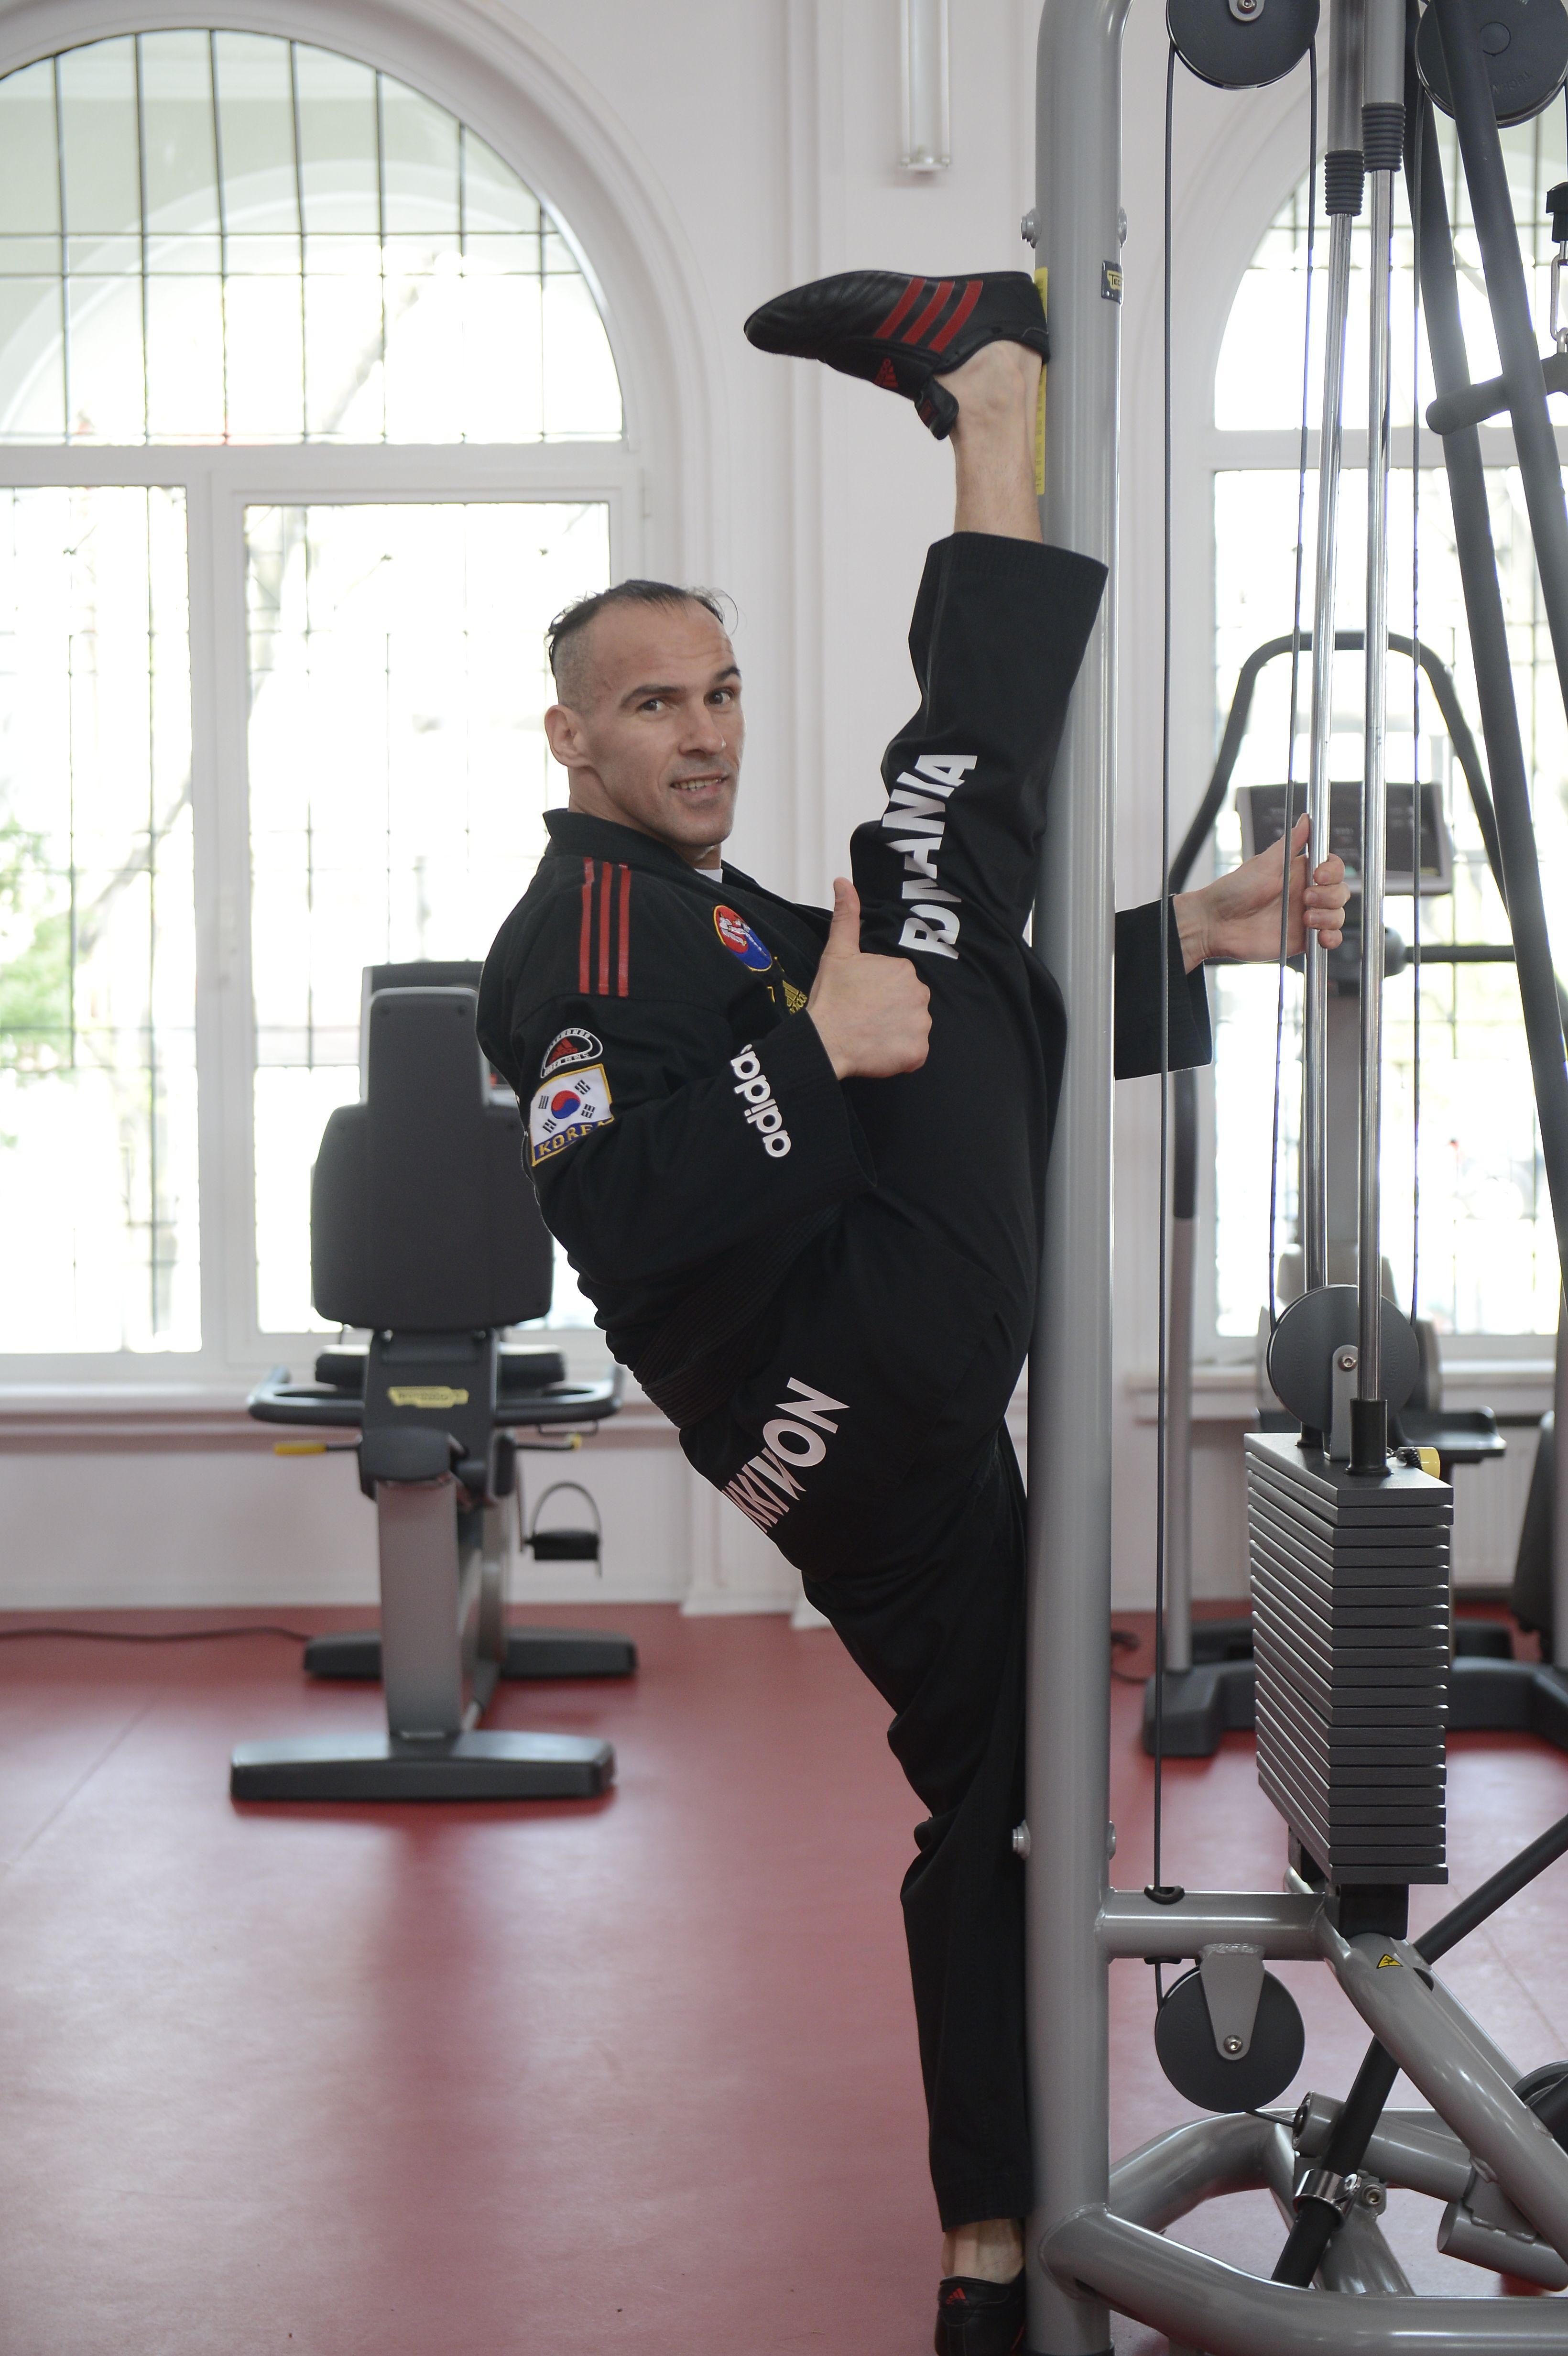 Calin Novacescu se lupta cu un nou record � �ncercare extraordinara m�ine, 10 kg de masa musculara �n 10 ore!